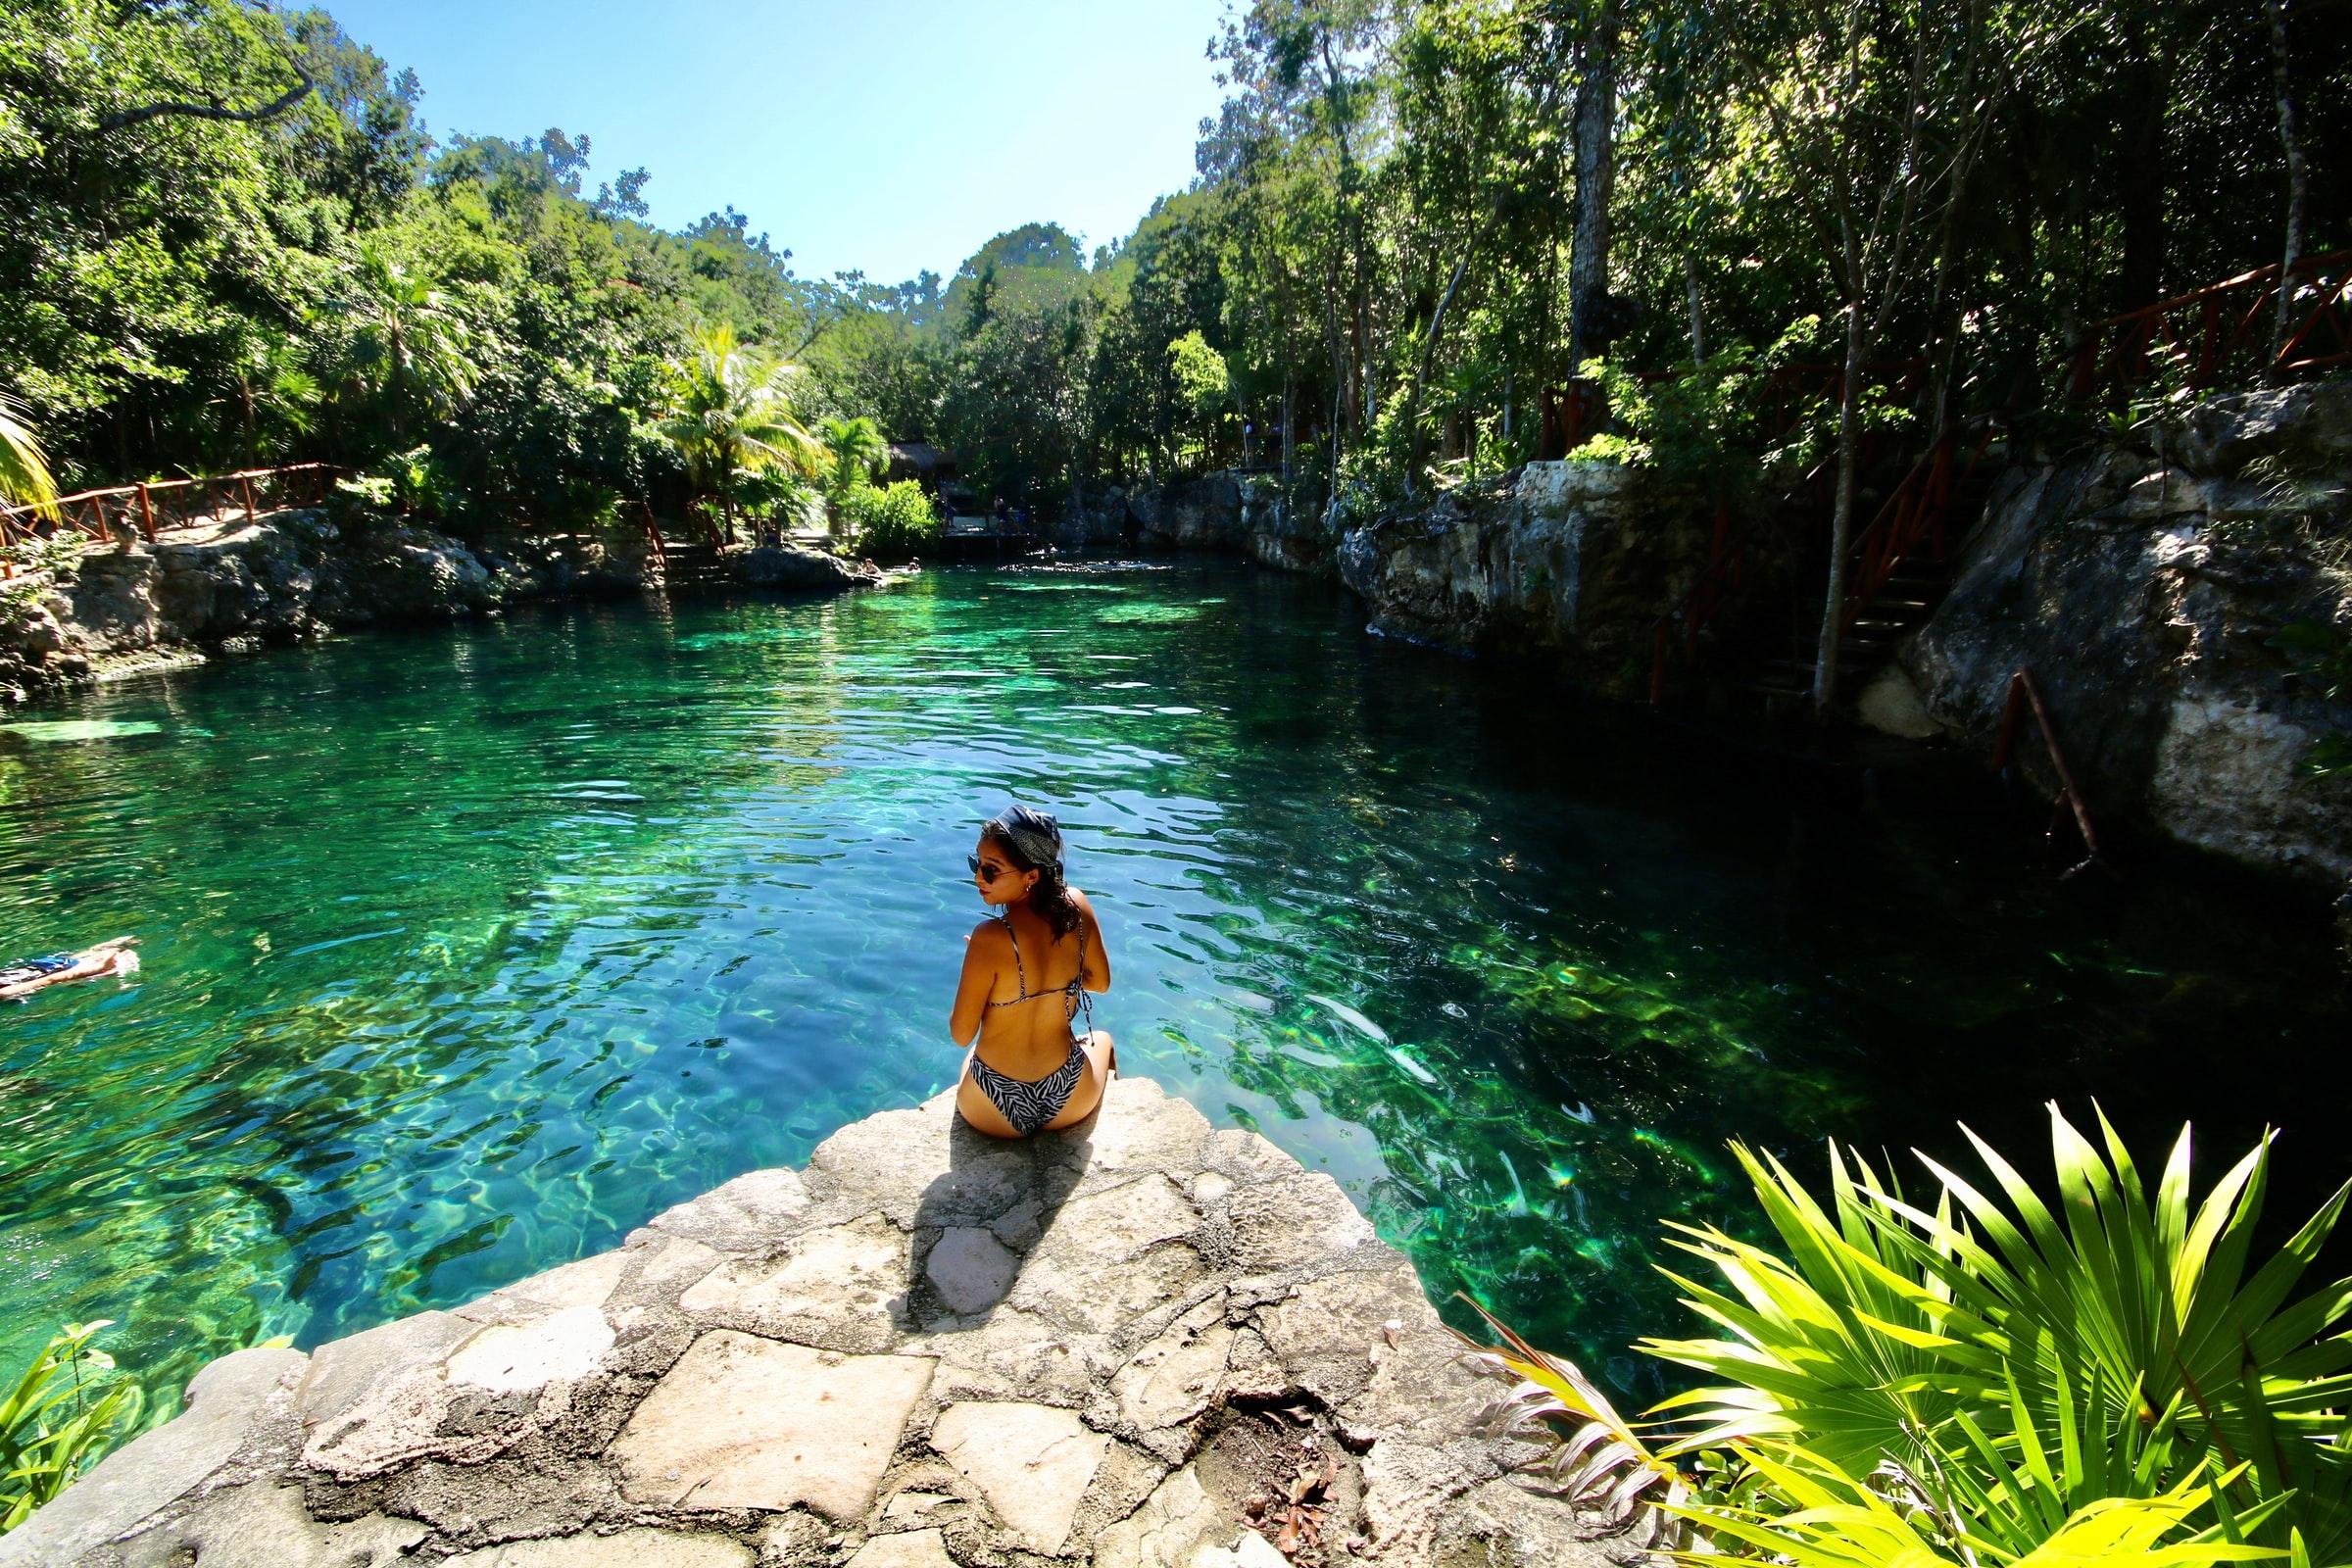 Karibikküste - Wasser und Frau im Bikini